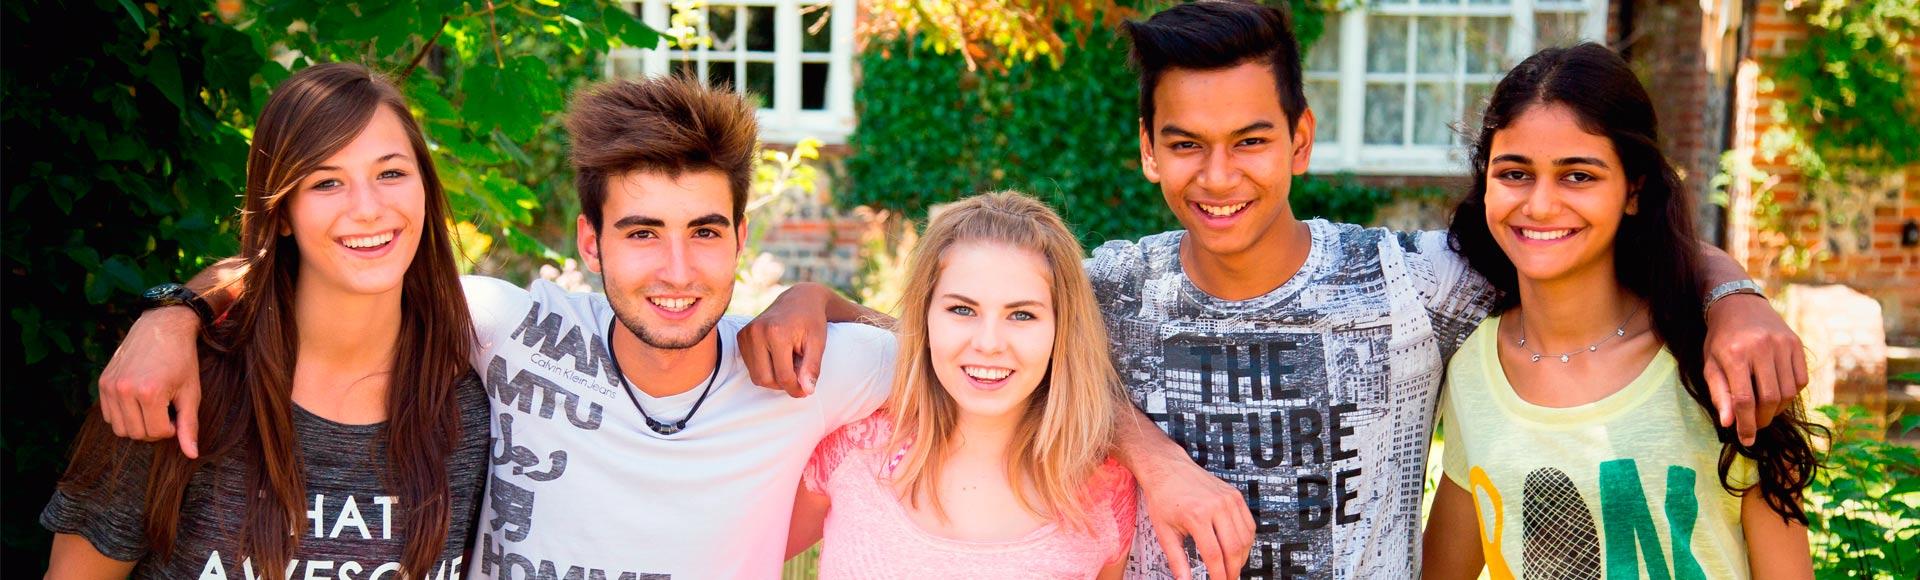 Curso de inglés para jóvenes en Los Ángeles, EE.UU.